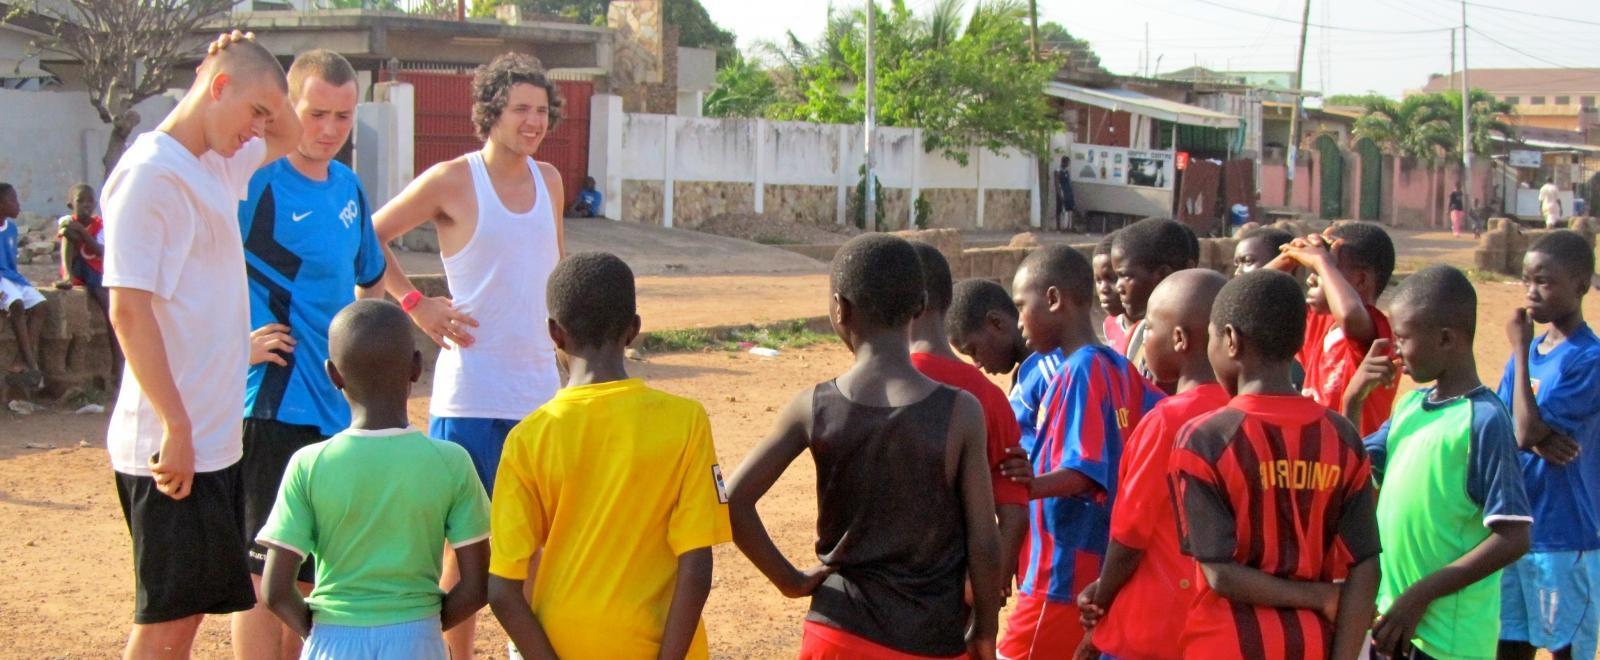 Entrenadores voluntarios de rugby en Ghana reuniendo a sus equipos.